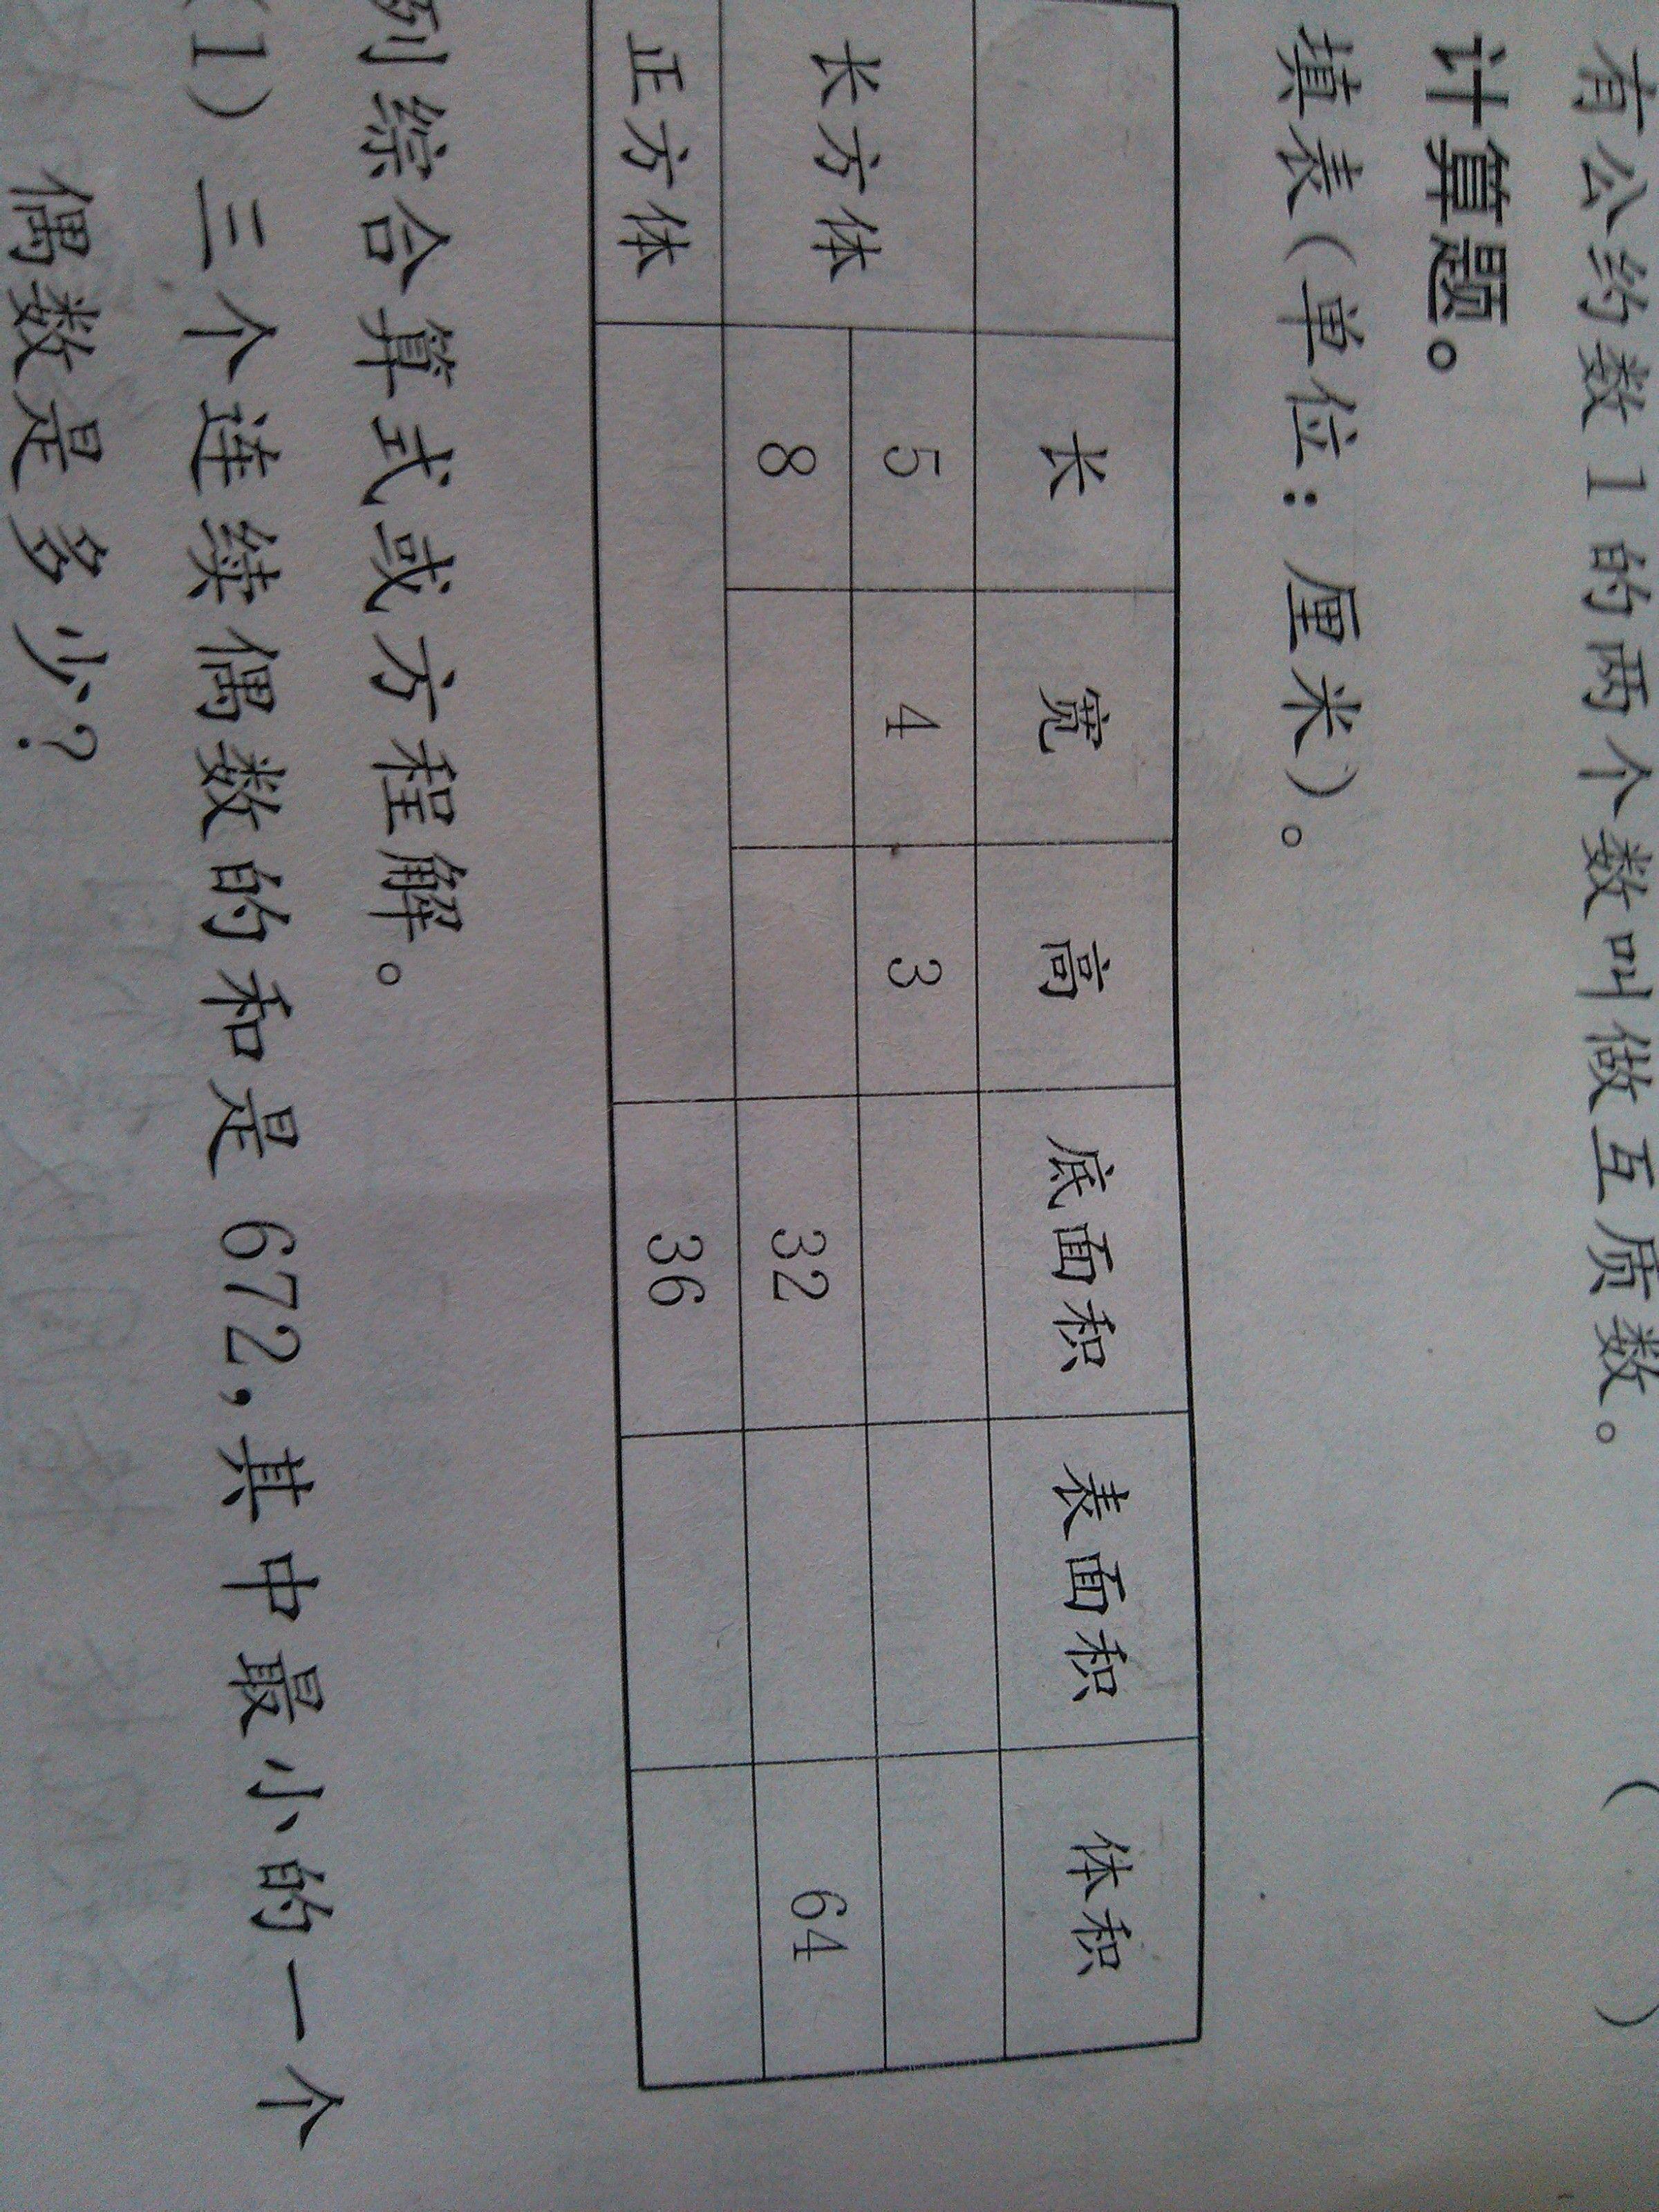 计算题 填表图片